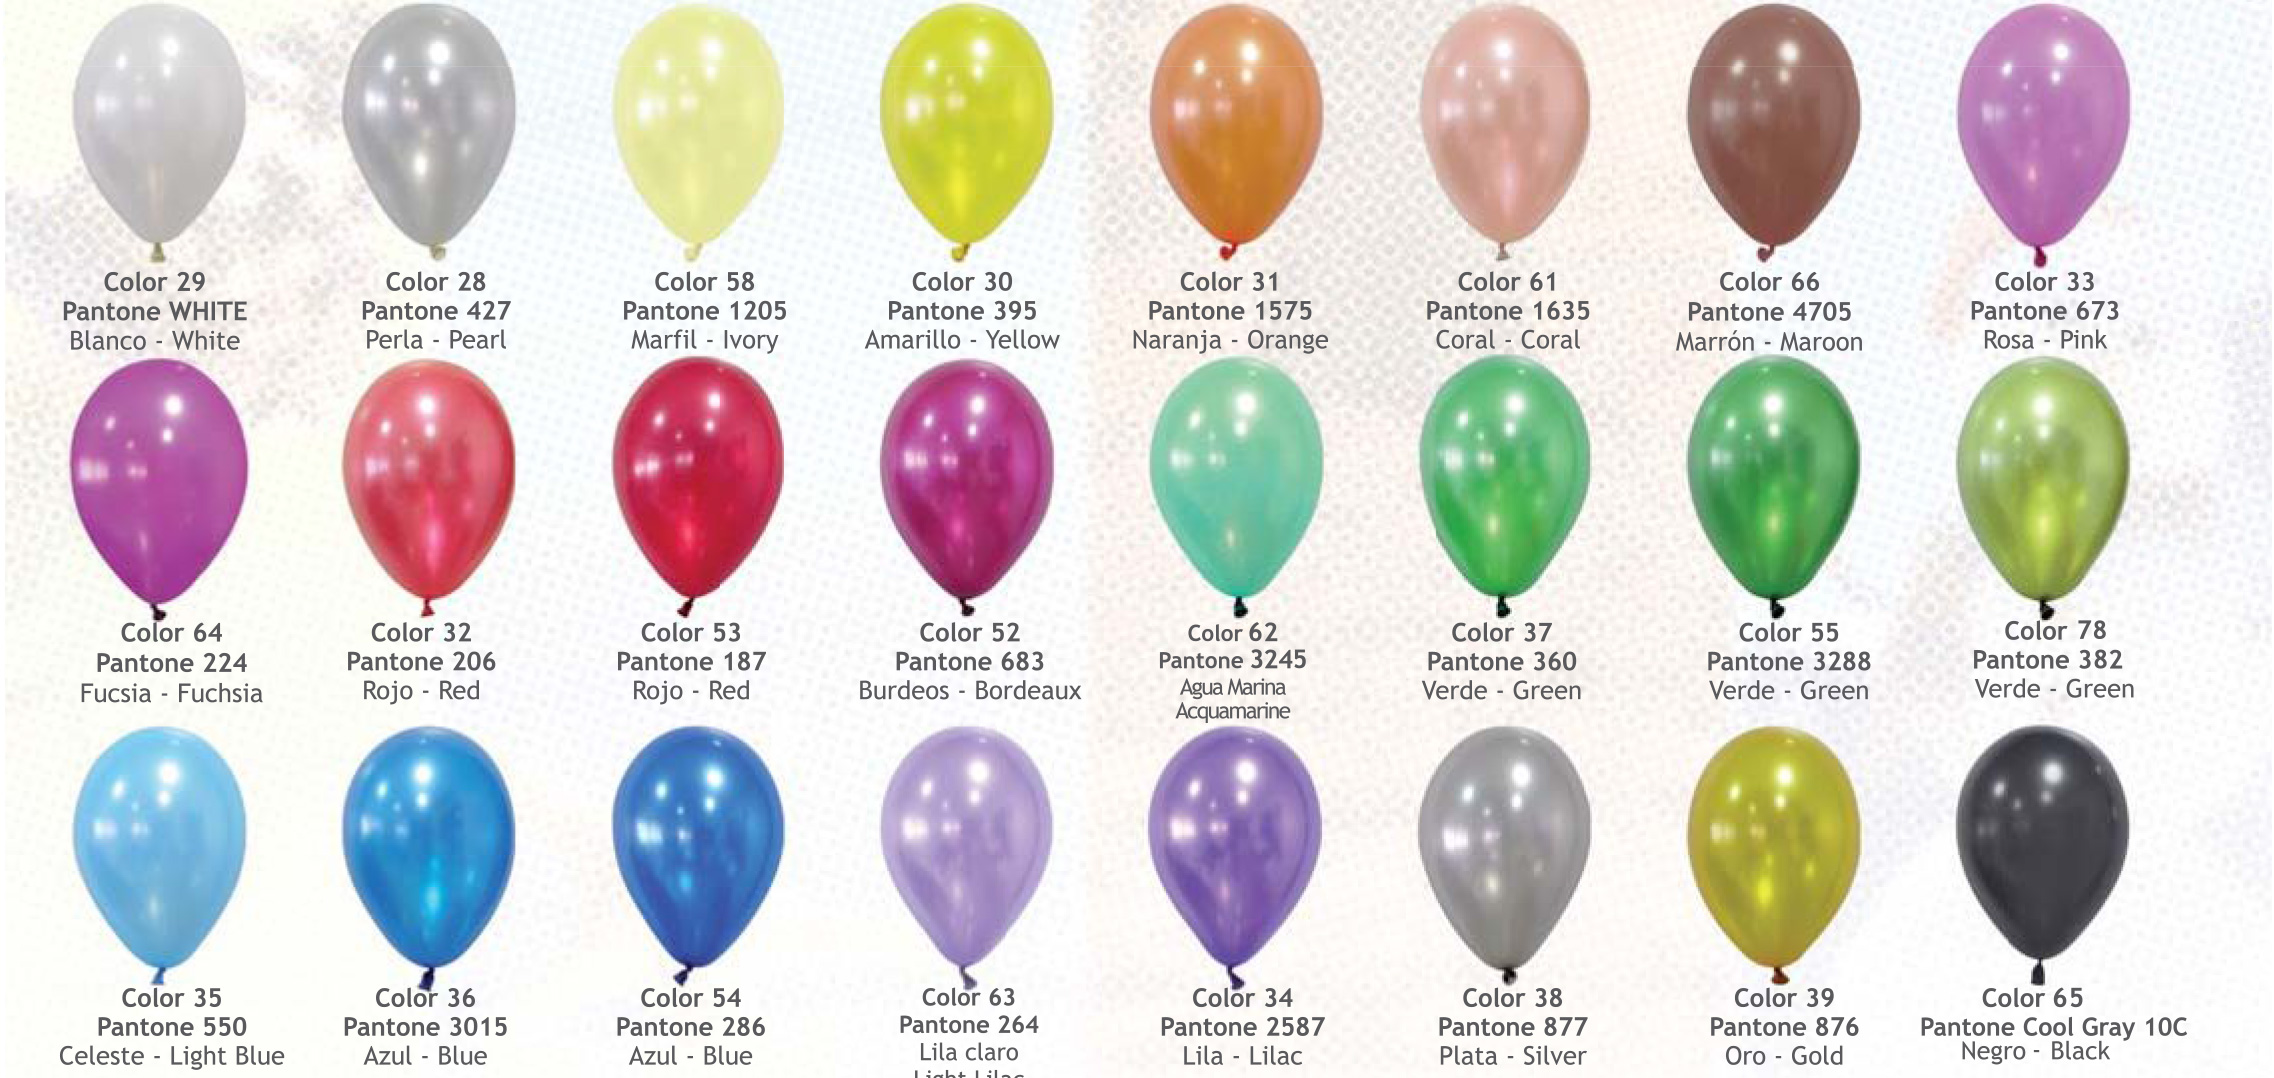 Gama de colores de globos